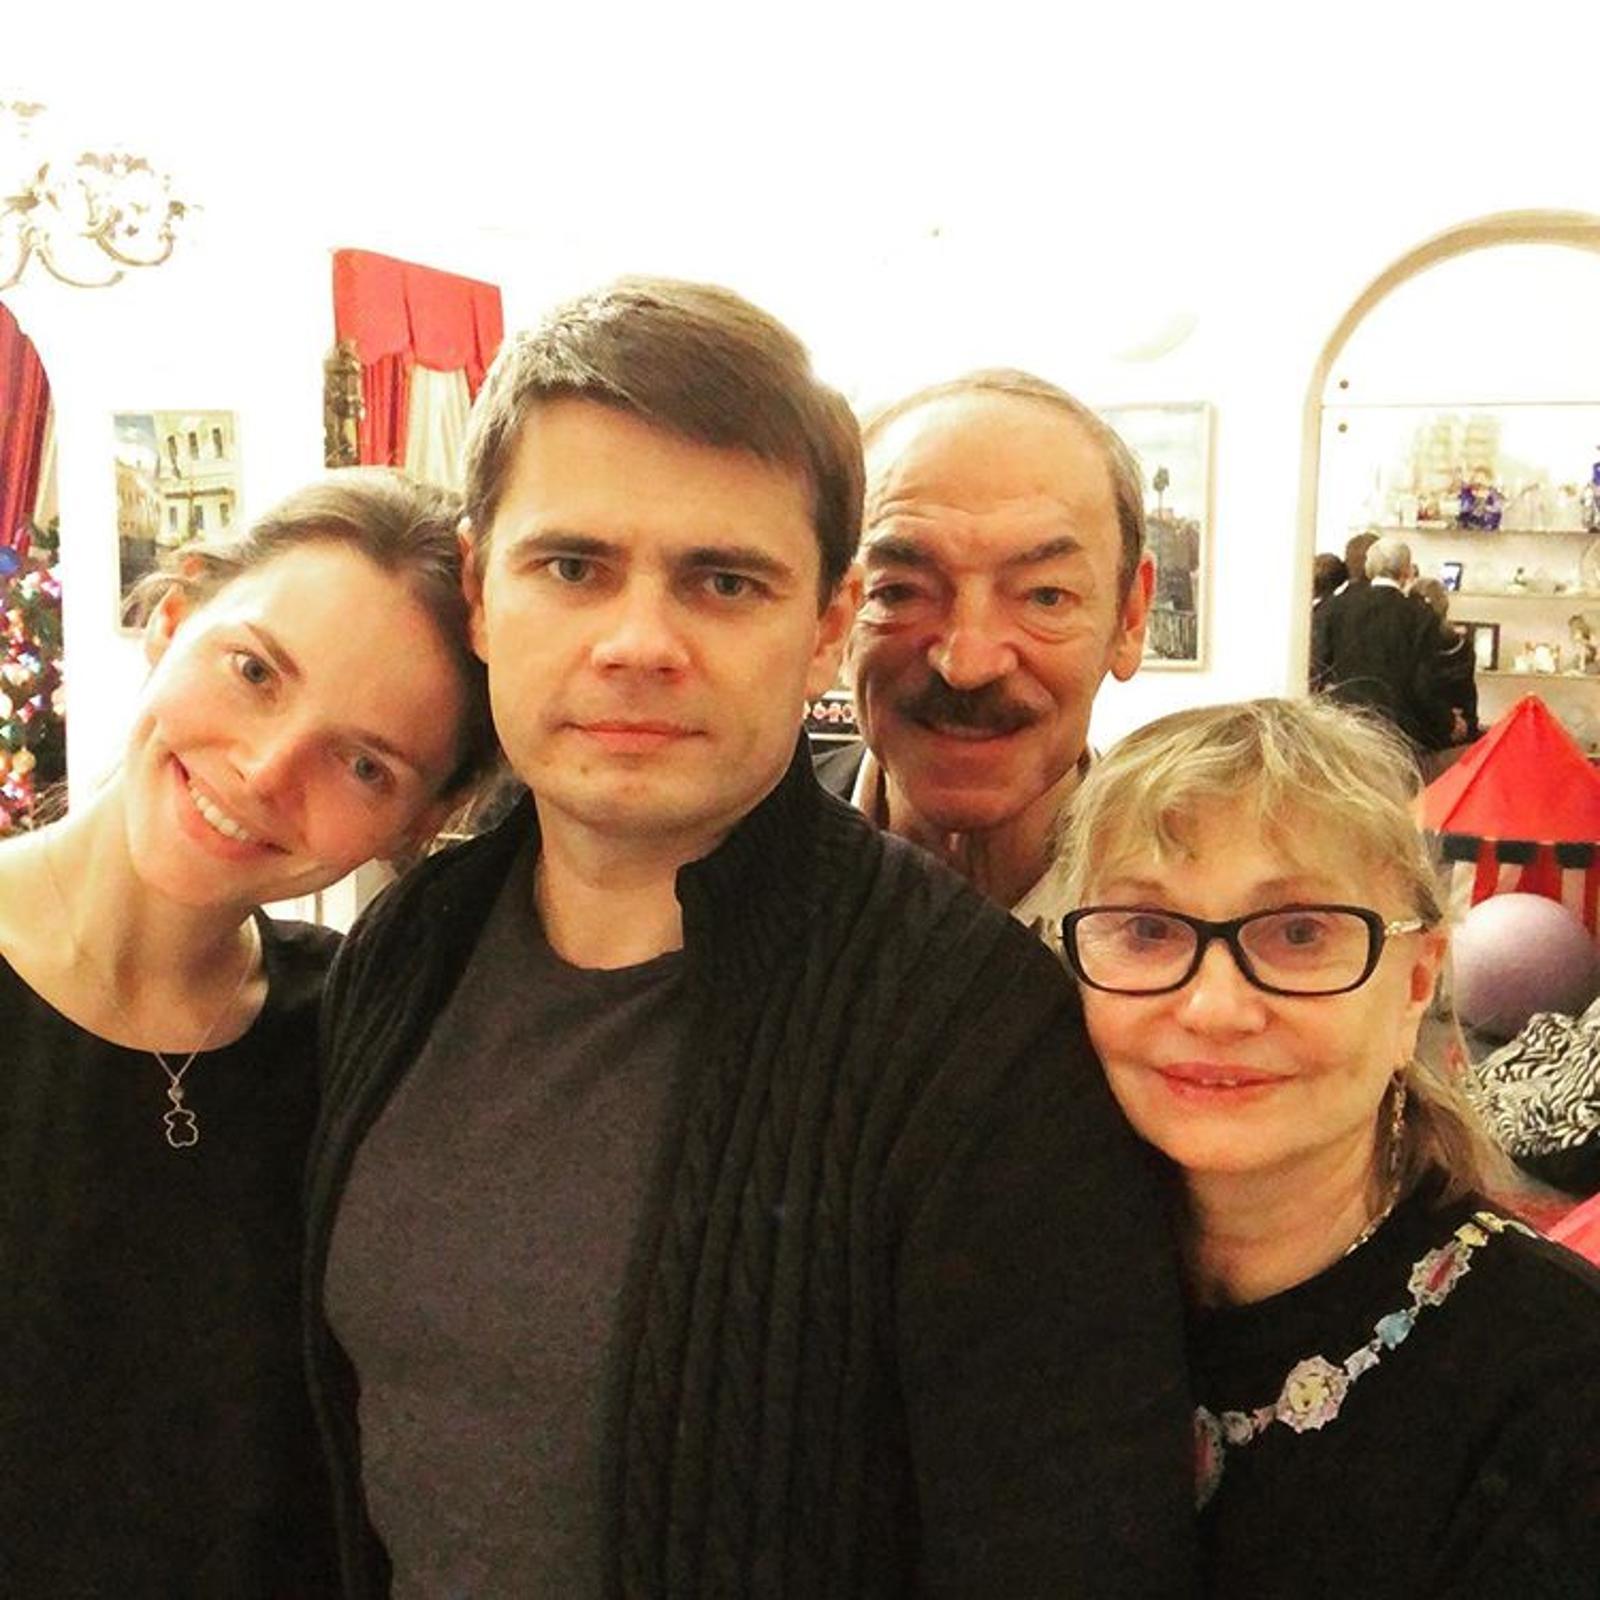 Елизавета Боярская поделилась редким фото с родителями в честь юбилея брата